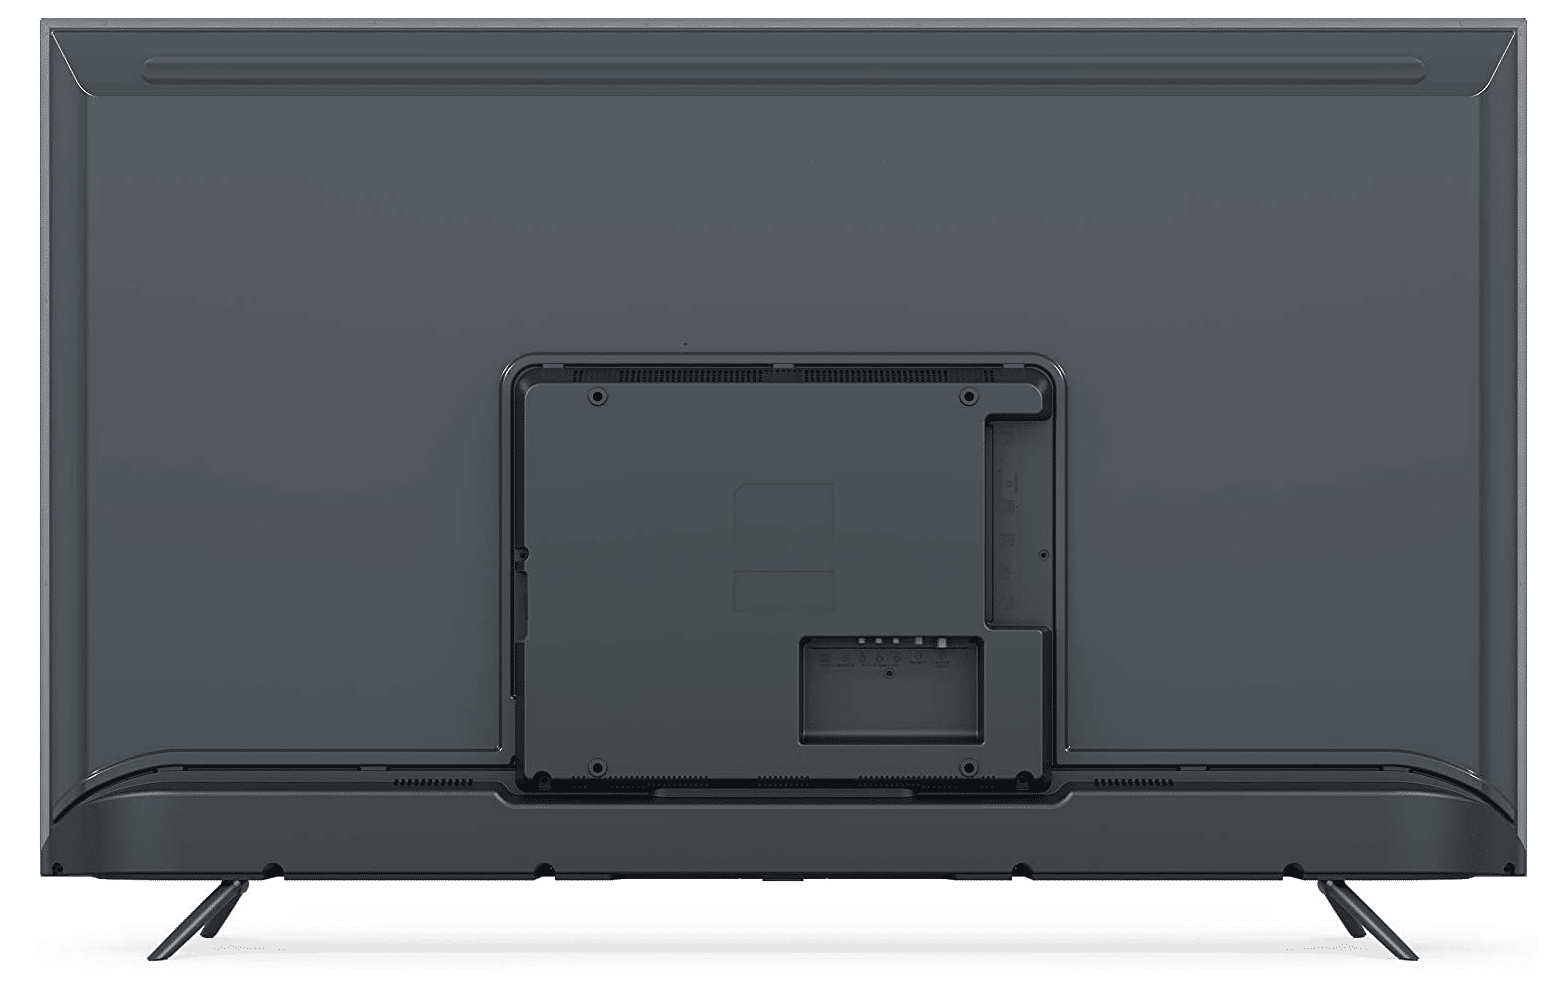 2020 12 08 10 43 56 Xiaomi Mi Smart TV 4S 55 Zoll 4K Ultra HD Triple Tuner Android TV 9.0 Fernbe